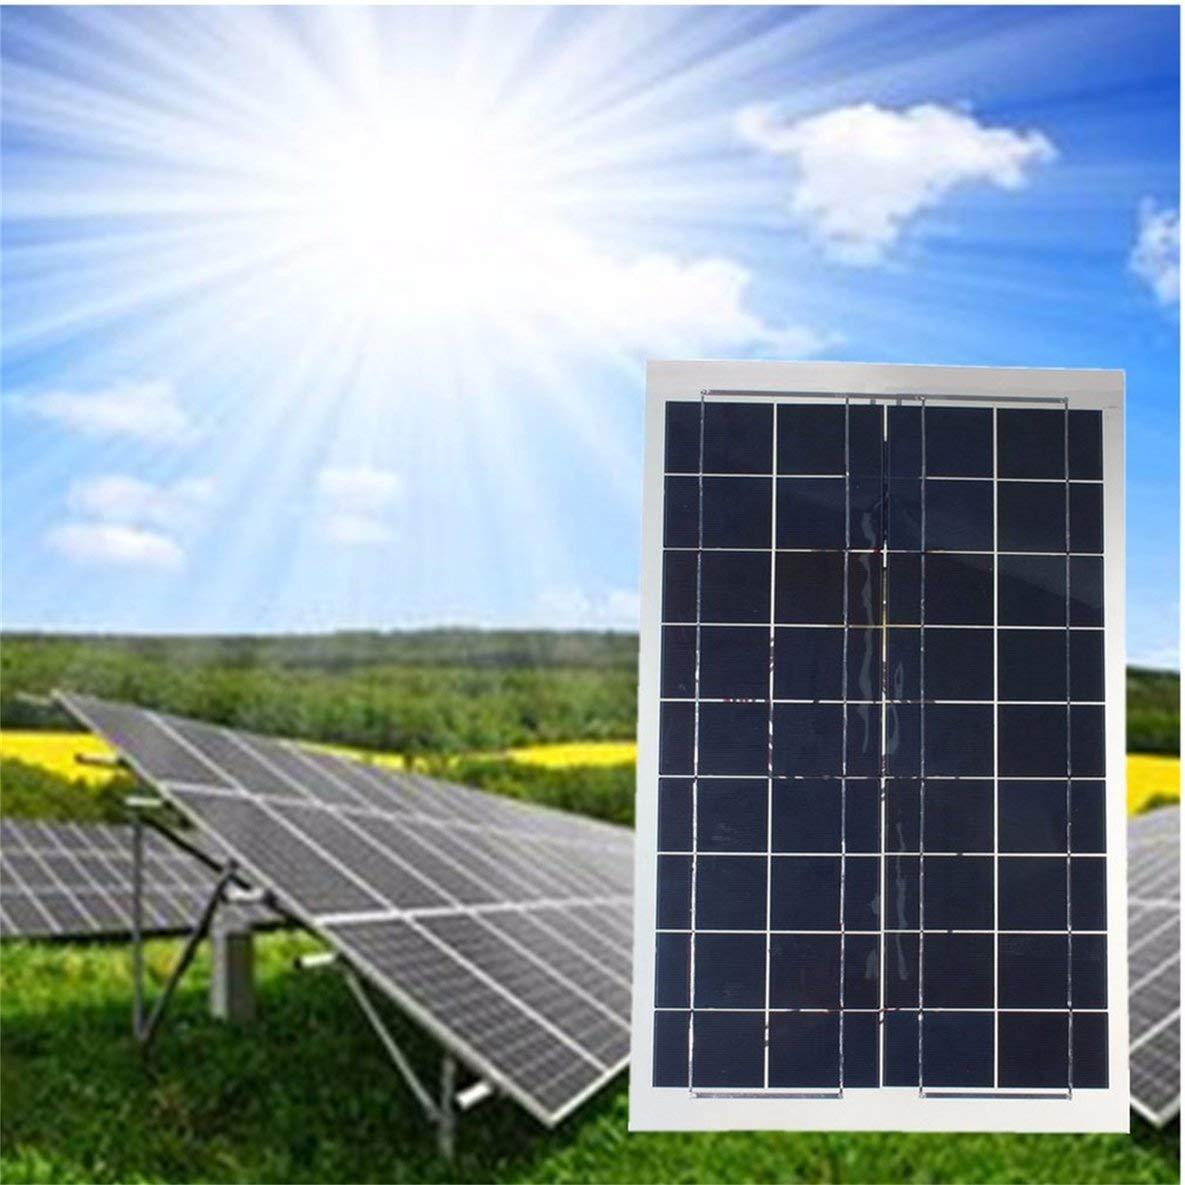 Noradtjcca 30W 12V Flexibles Solarpanel mit Krokodilklemmenkabel Tragbares hocheffizientes Solarpanel f/ür RV-Bootslicht